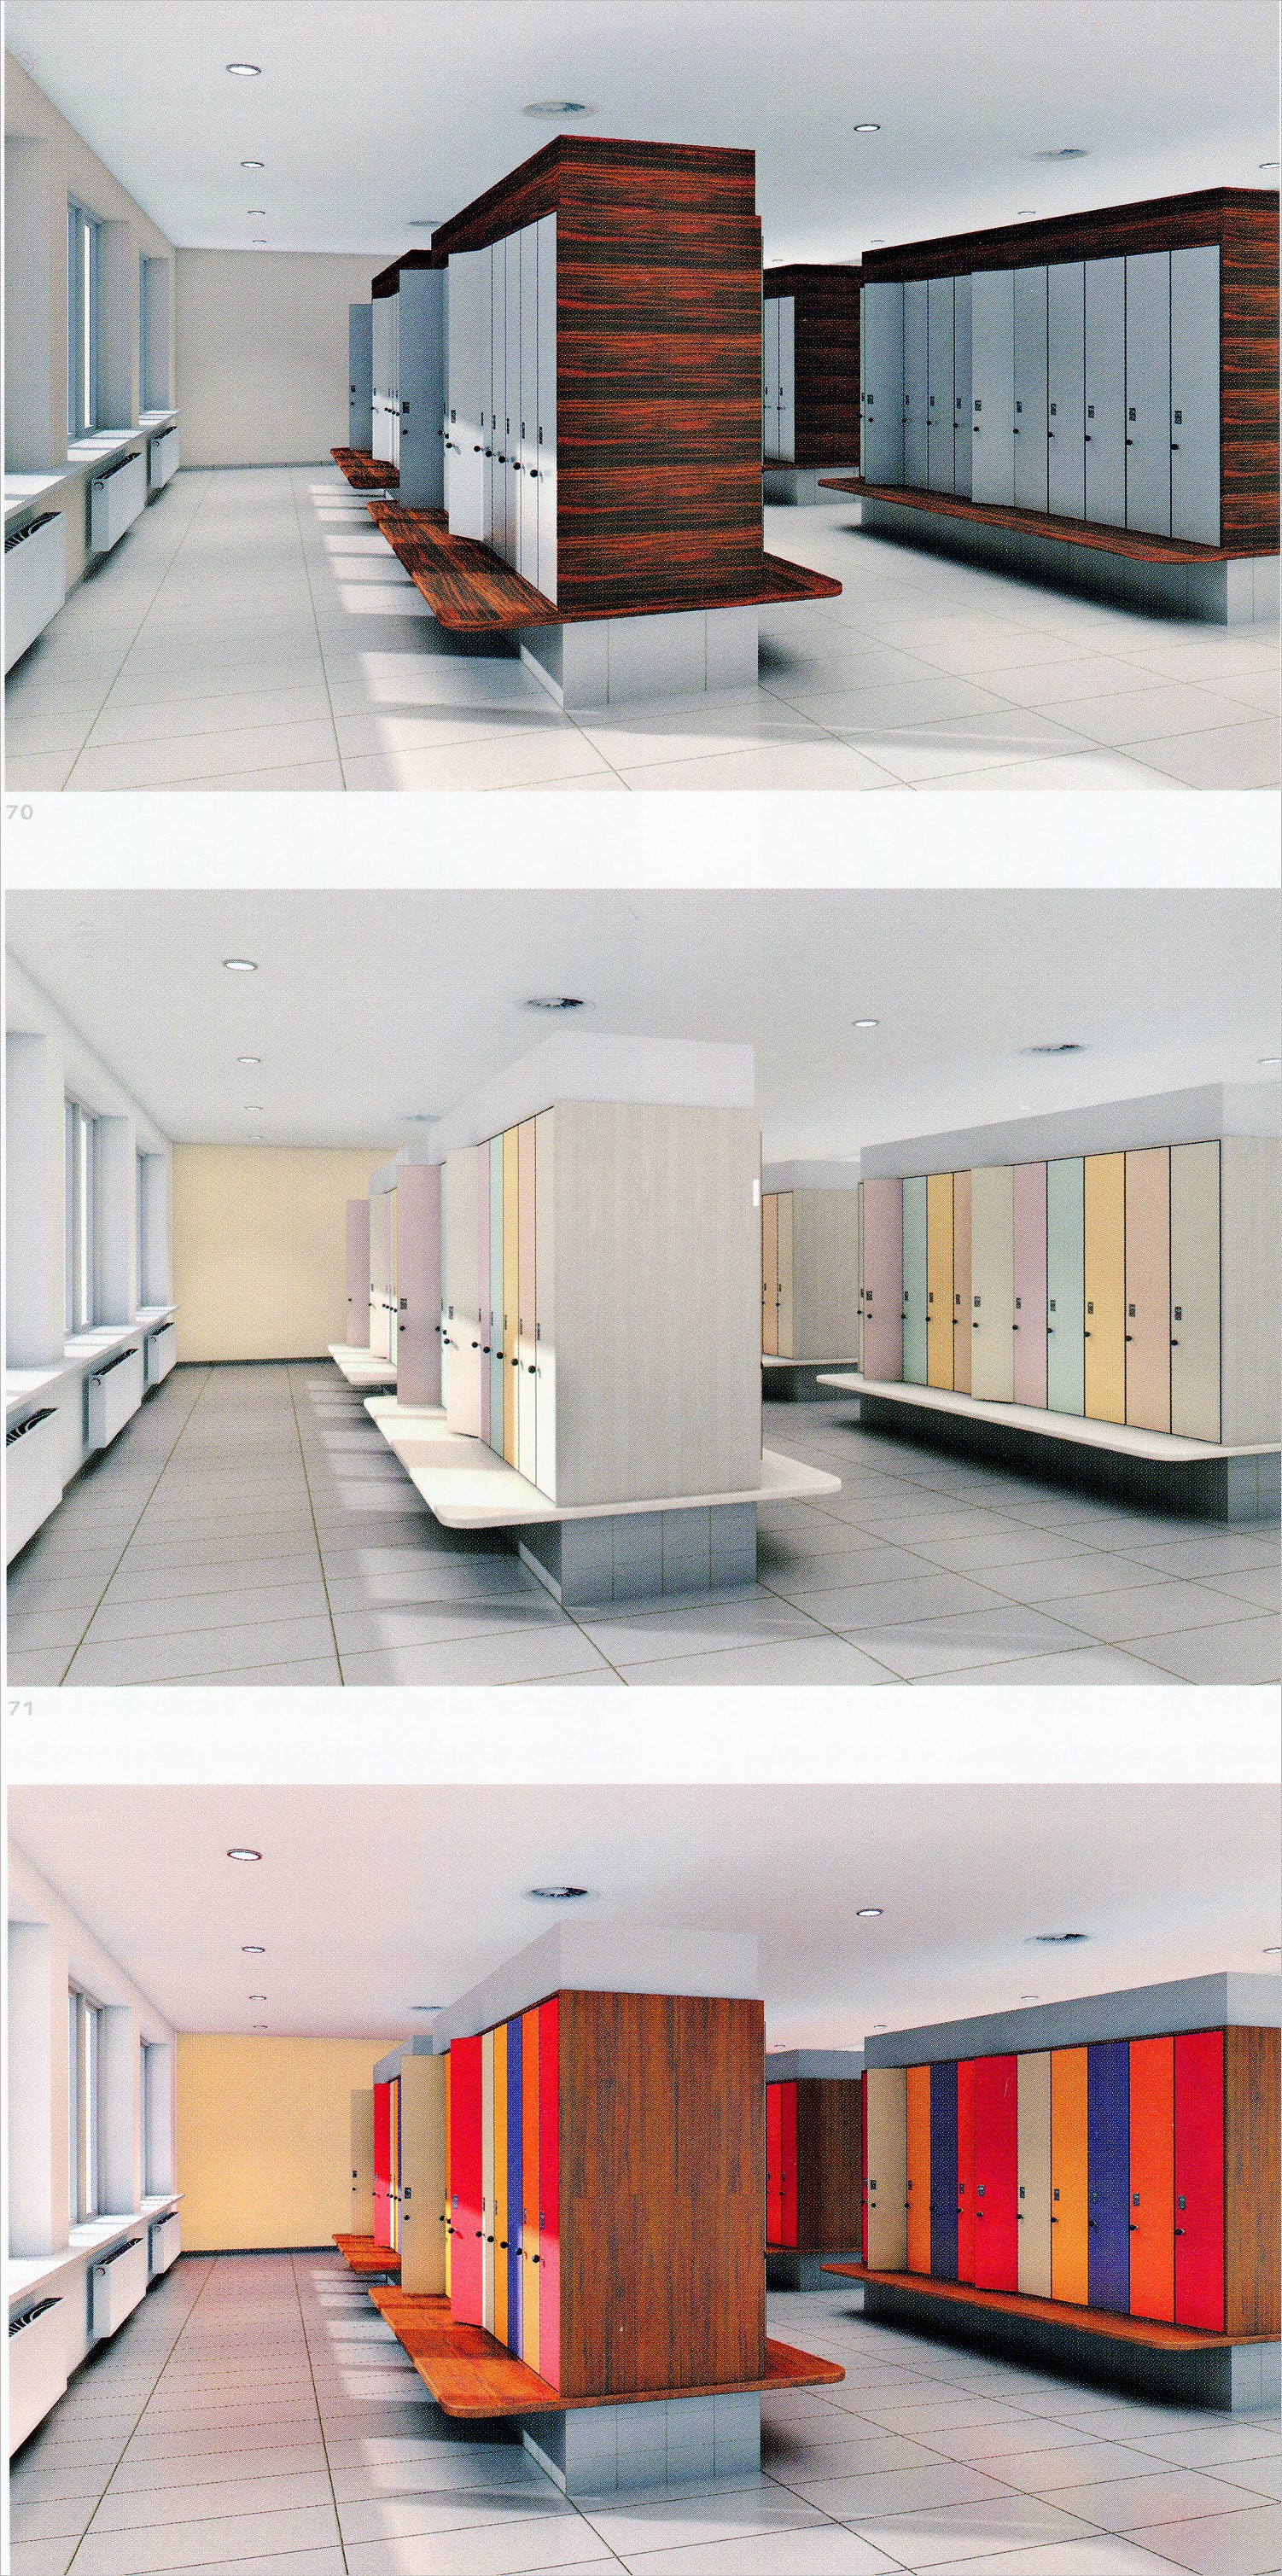 Farbgestaltung innenraum medienservice architektur und for Innenraum planen